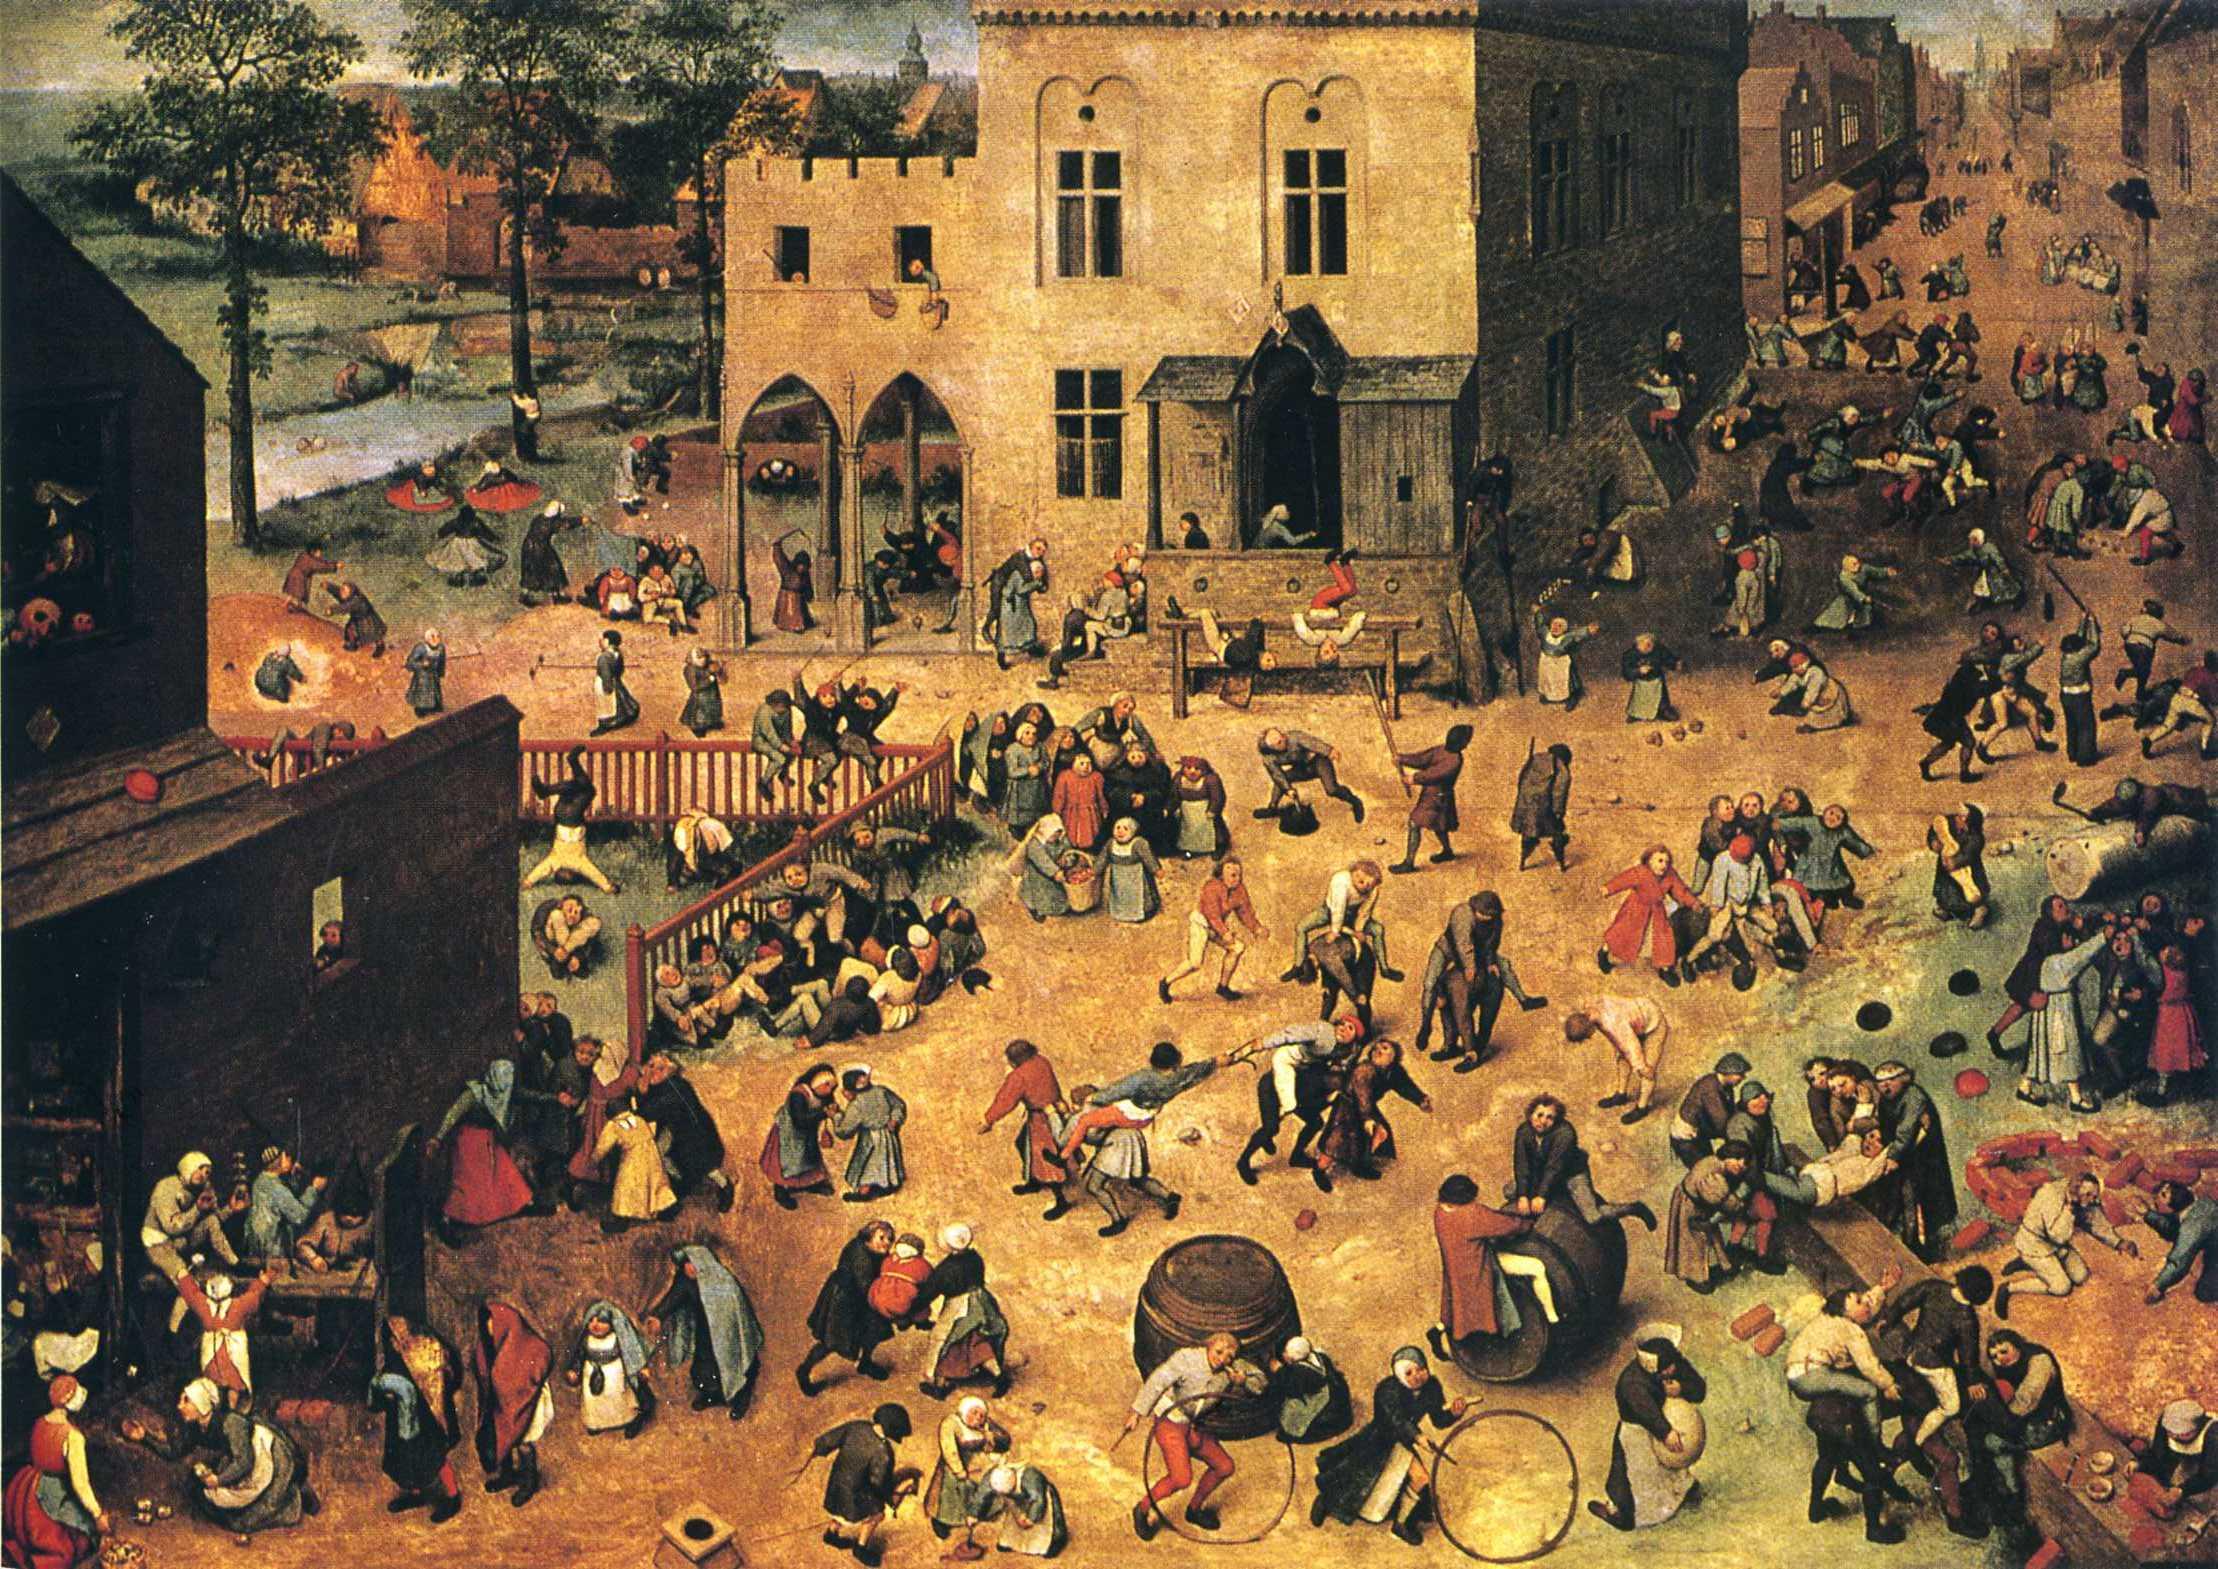 Bruegel's Children's Games (stava come immagine a commentare l'articolo di Ravasi, l'ho preso da un'altro sito, ingrandimento) dans IMMAGINI BELLE children-s-games-1560